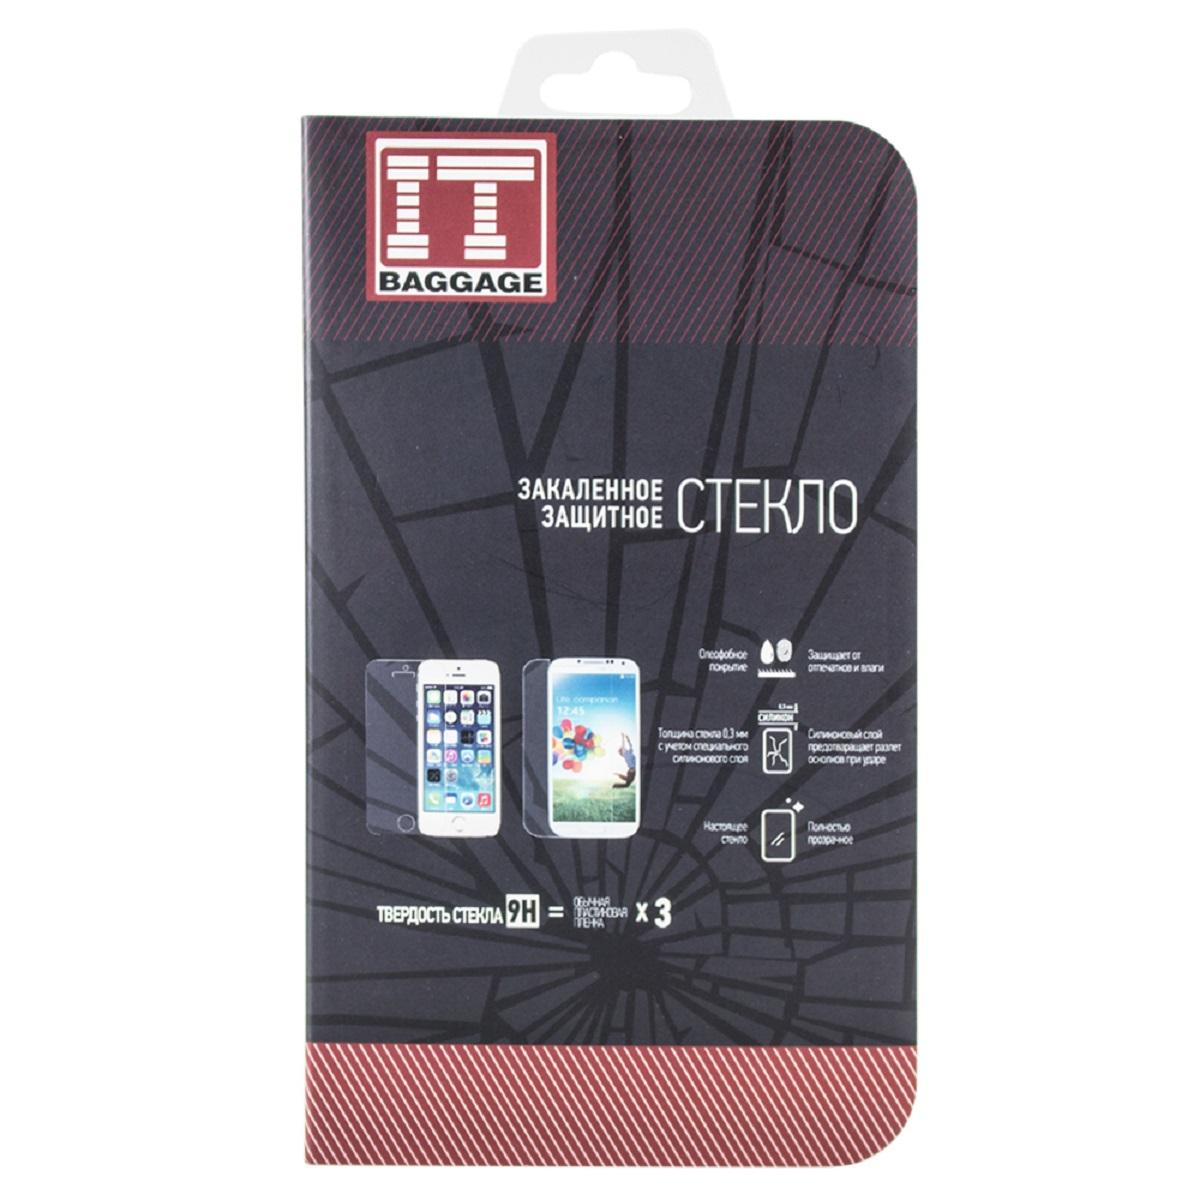 IT Baggage защитное стекло для Asus ZenFone Go ZB452KGITASZB452KGЗакаленное стекло IT Baggage для Asus ZenFone Go (ZB452KG) - это самый верный способ защитить экран от повреждений и загрязнений. Обладает высочайшим уровнем прозрачности и совершенно не влияет на отклик экранного сенсора и качество изображения. Препятствует появлению отпечатков и пятен. Удалить следы жира и косметики с поверхности аксессуара не составить ни какого труда. Характеристики защитного стекла делают его износостойким к таким механическим повреждениям, как царапины, сколы, потертости. При сильном ударе разбившееся стекло не разлетается на осколки, предохраняя вас от порезов, а экран устройства от повреждений. После снятия защитного стекла с поверхности дисплея, на нем не остаются повреждения, такие как потертости и царапины.